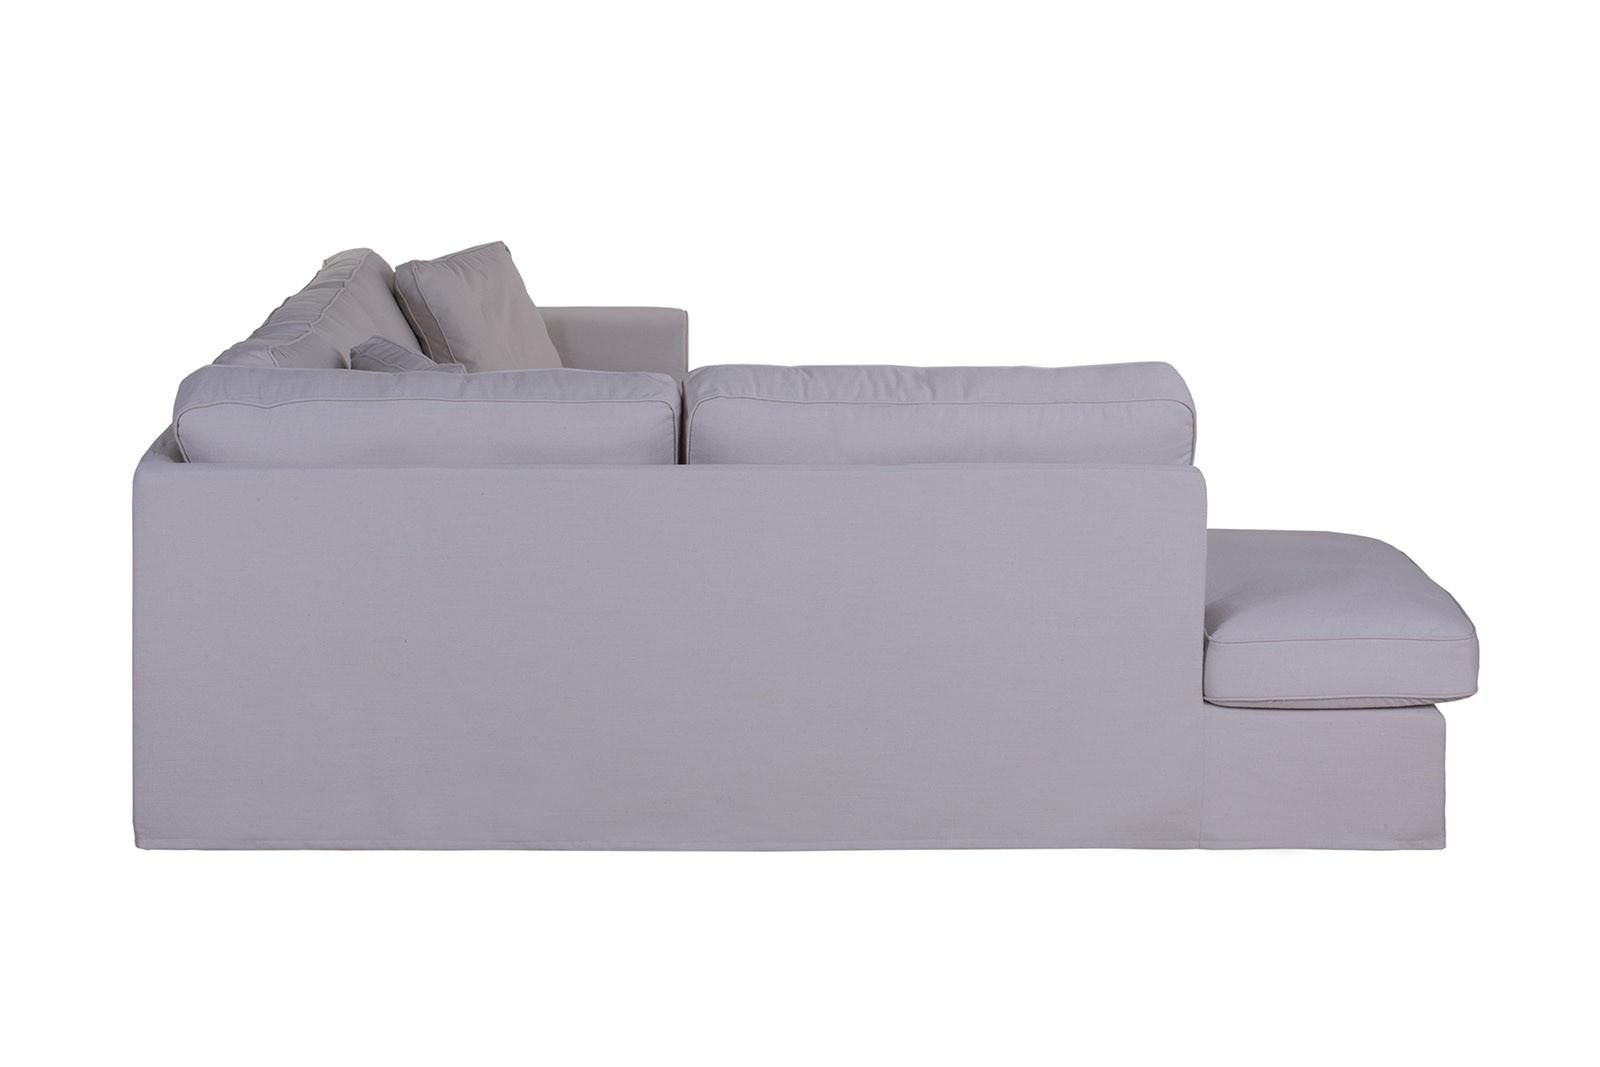 King bridge stylowa sofa 287cm z poduszkami for Englische landhaus sofas